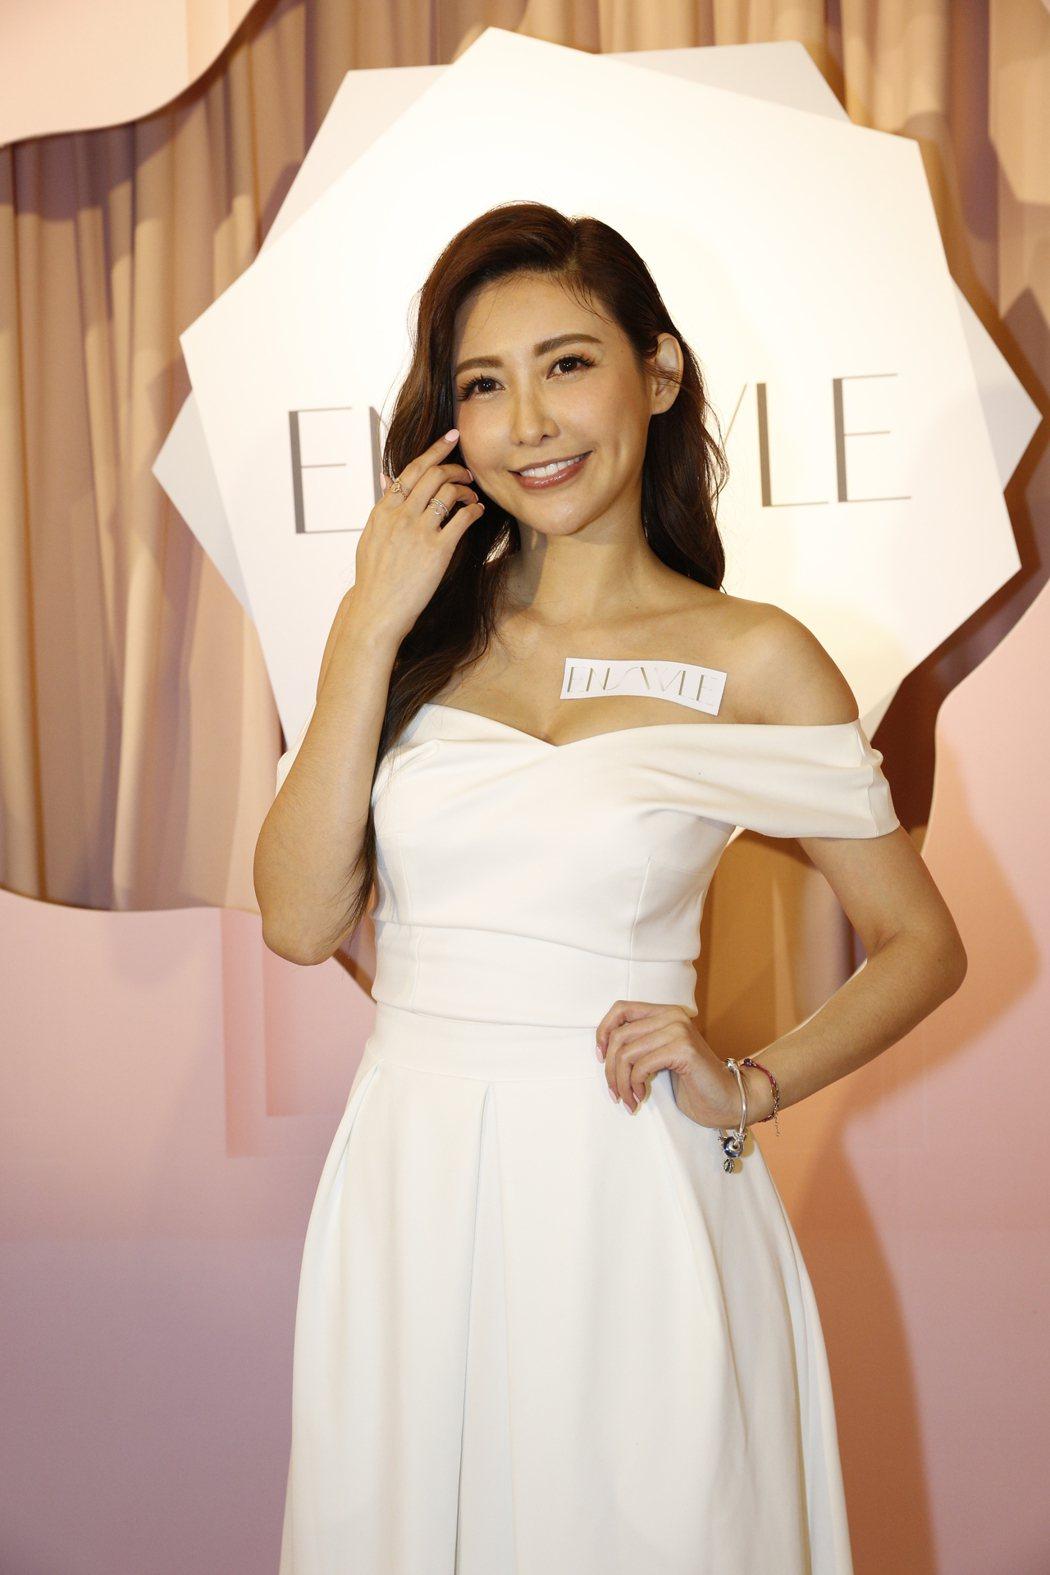 愷樂辣露北半球出席美妝代言活動。圖/ENSWLE璦絲兒提供